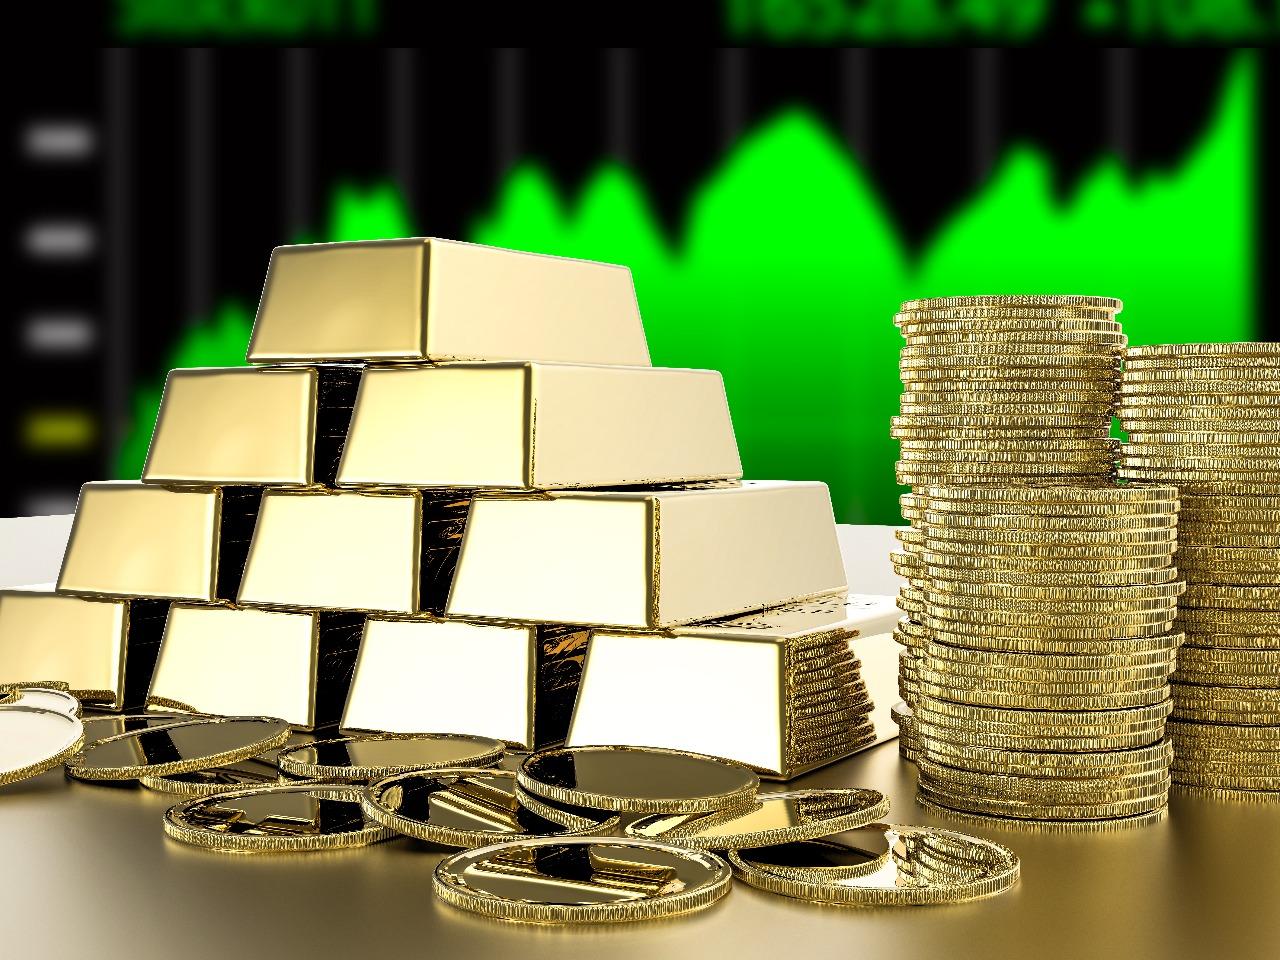 https: img.okezone.com content 2021 01 01 320 2337174 harga-emas-naik-jadi-usd1-895-ounce-pada-akhir-2020-Jdz4HA0zx6.jpg